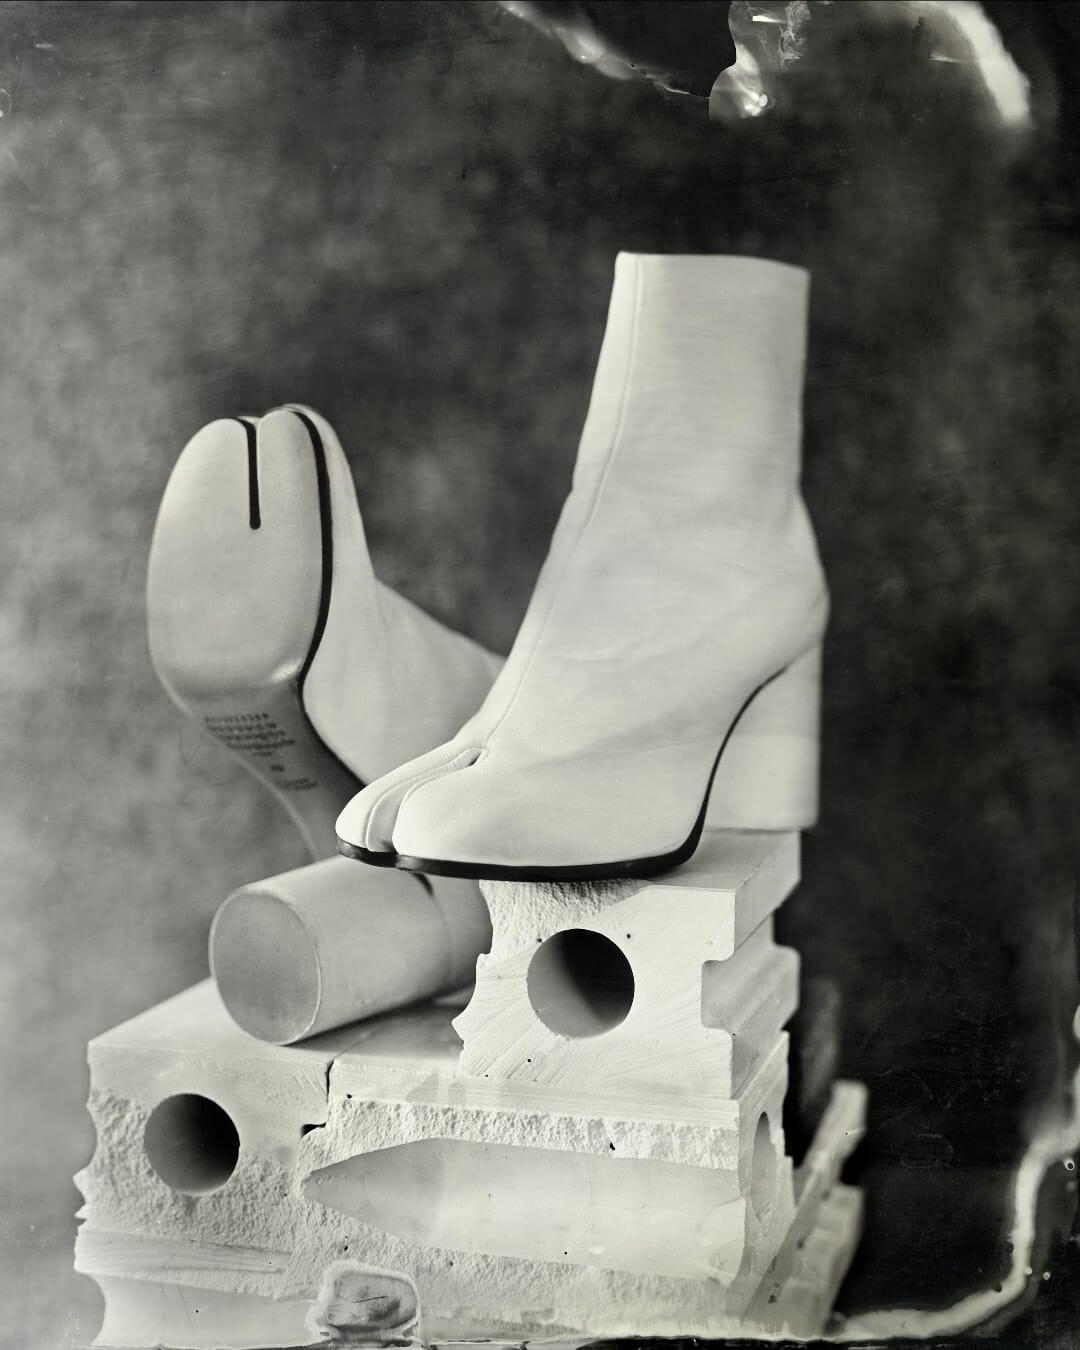 Bottines Tabi par Maison Margiela : bottine blanche à semelle noire, talon rond. À l'avant, au niveau des orteils, la chaussure est divisée en deux, presque comme une paire de tongues.